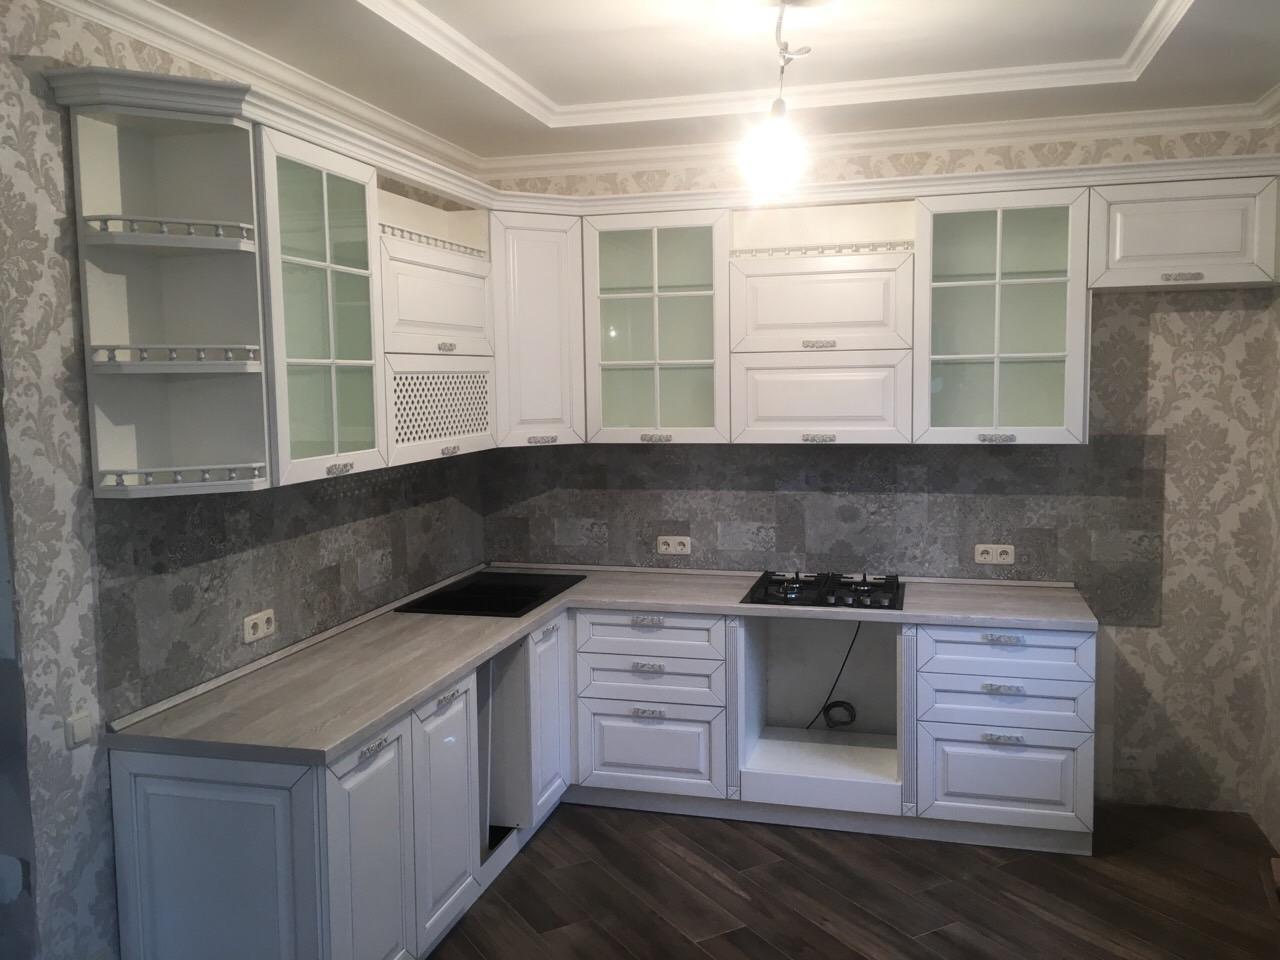 кухня в Гомеле белая, большая, с декоративными элементами